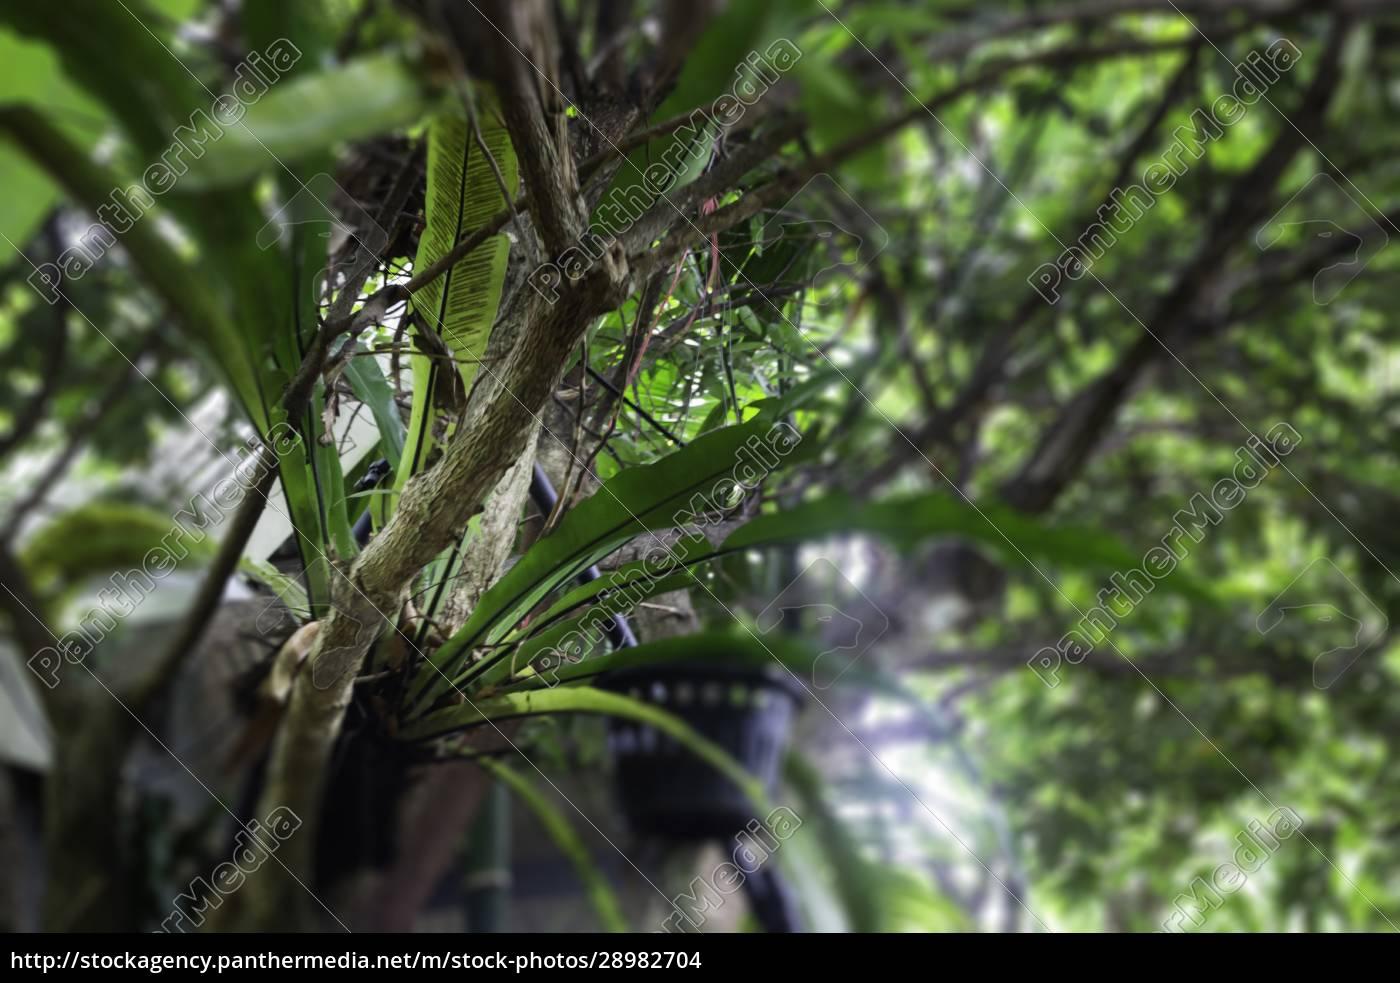 grüne, pflanzen, fühlen, sich, frisch, an - 28982704